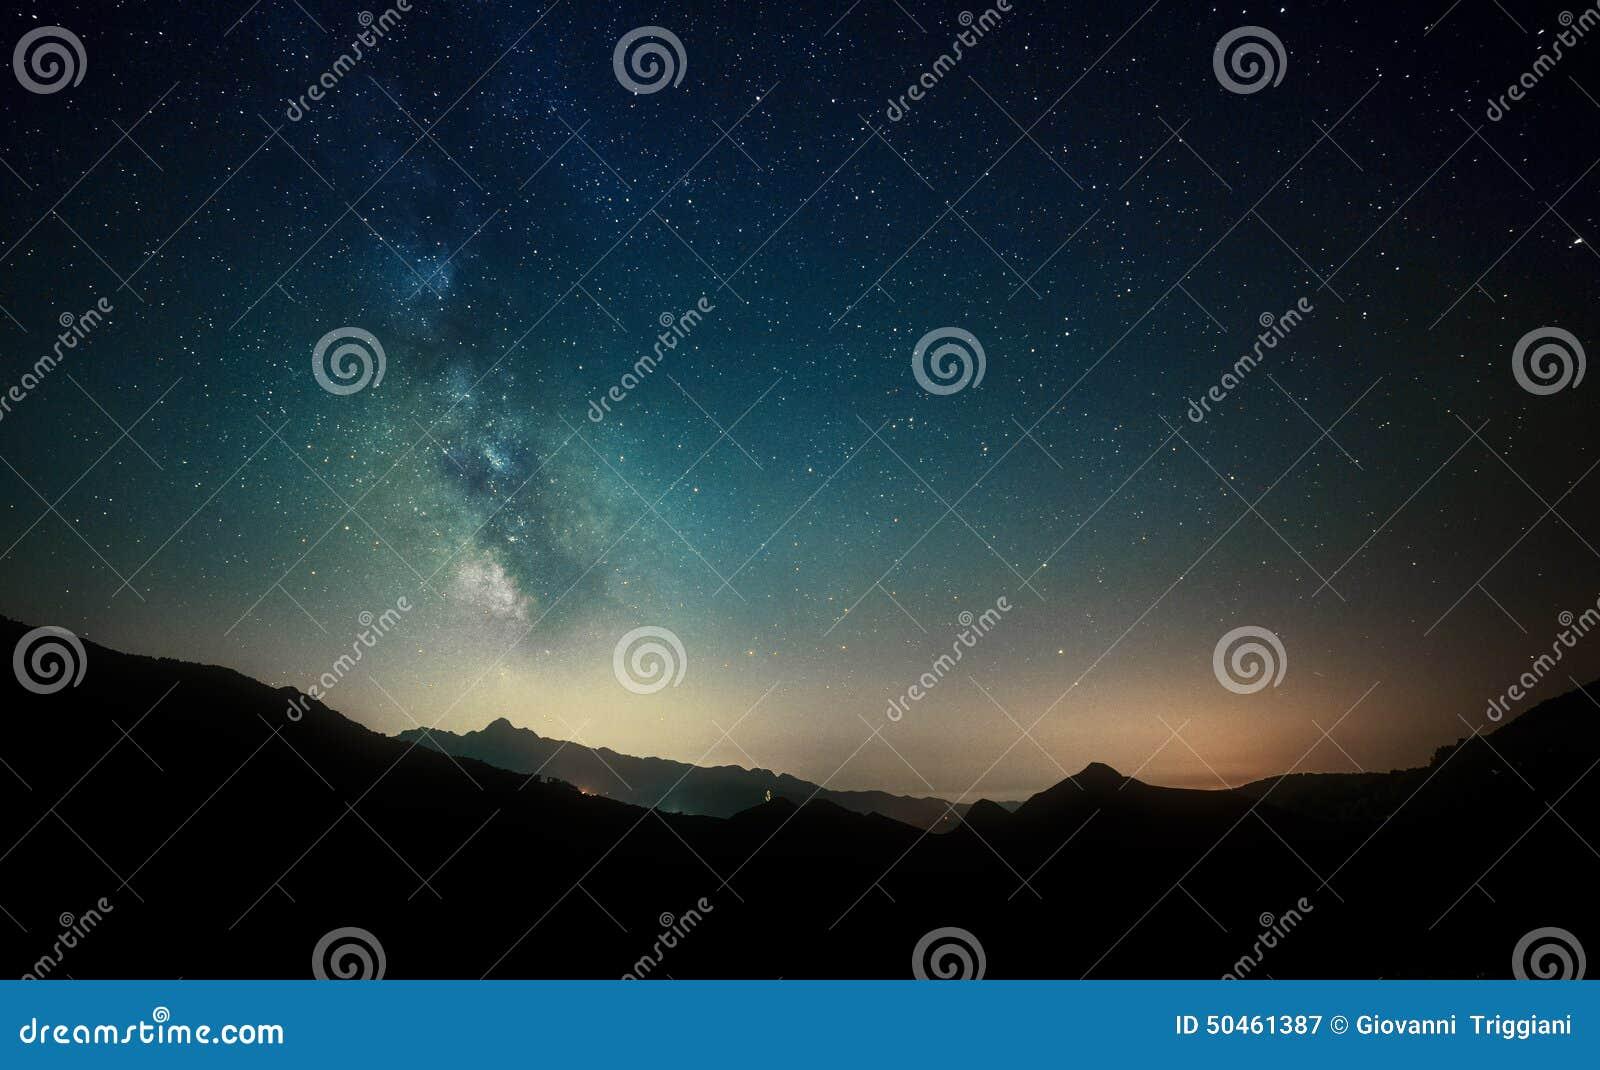 Estrelas do céu noturno com Via Látea no fundo da montanha